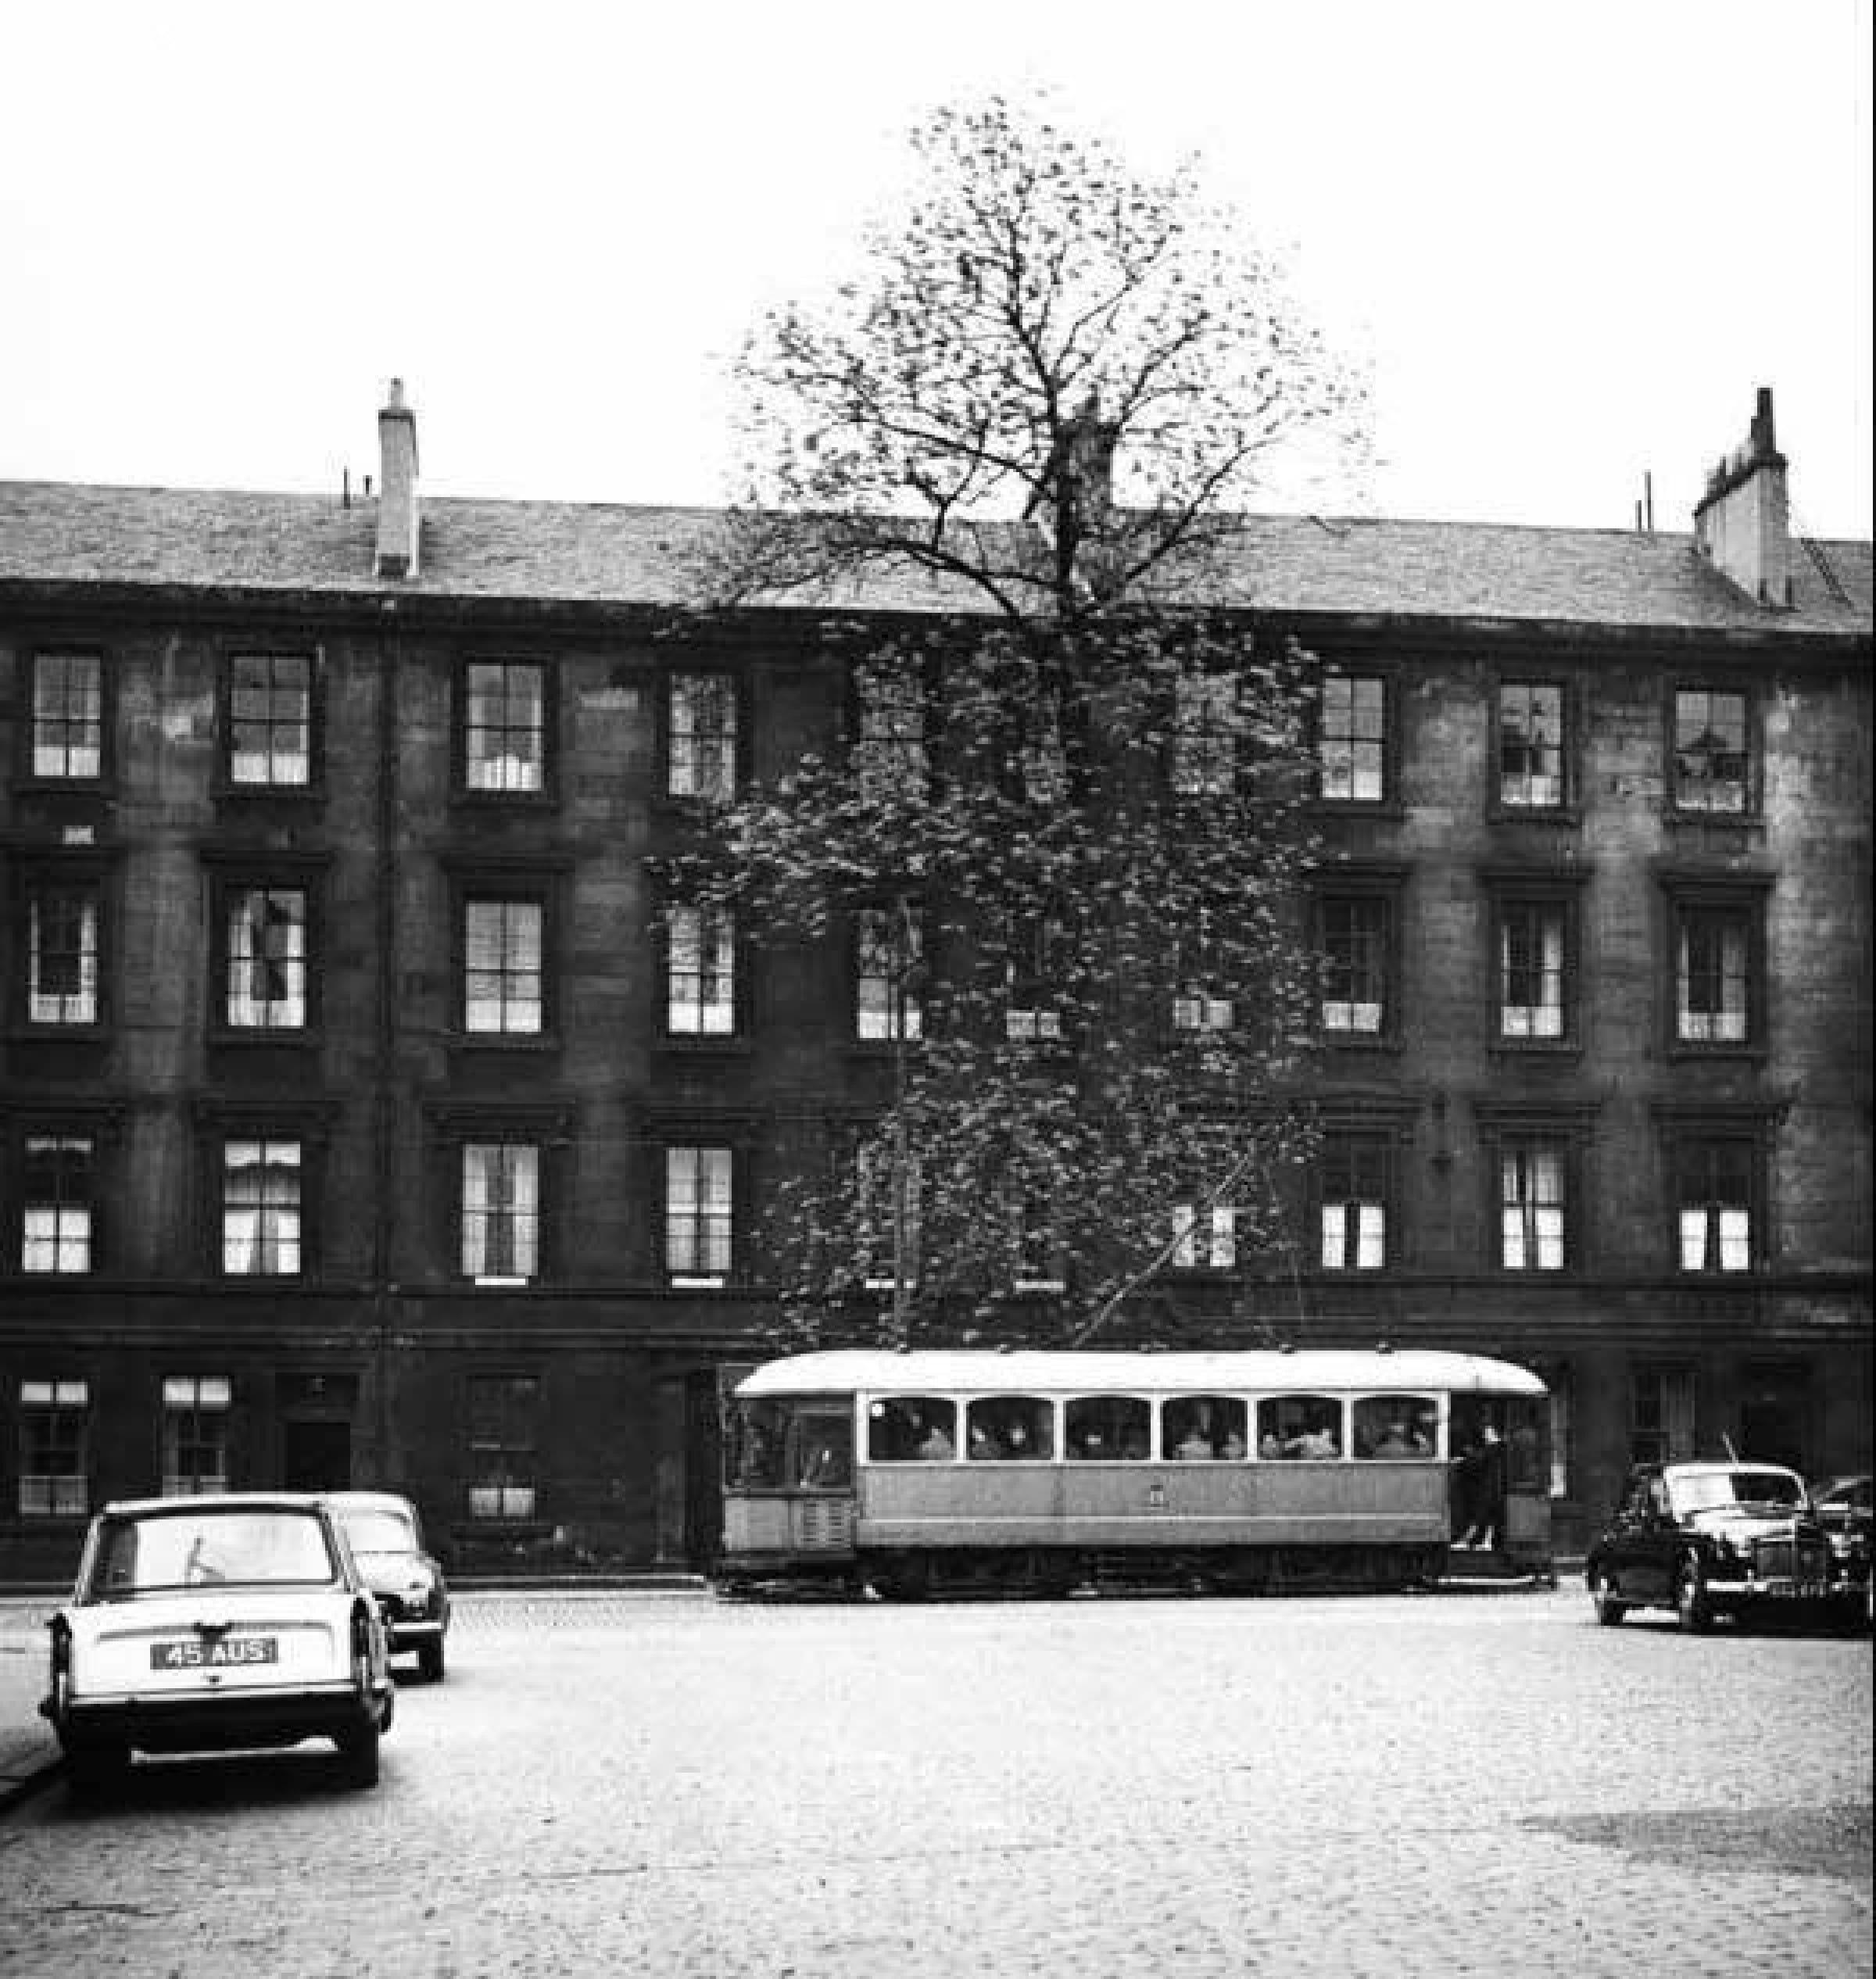 Argyle Street tree (The Argyle Street ash tree, 1960s)